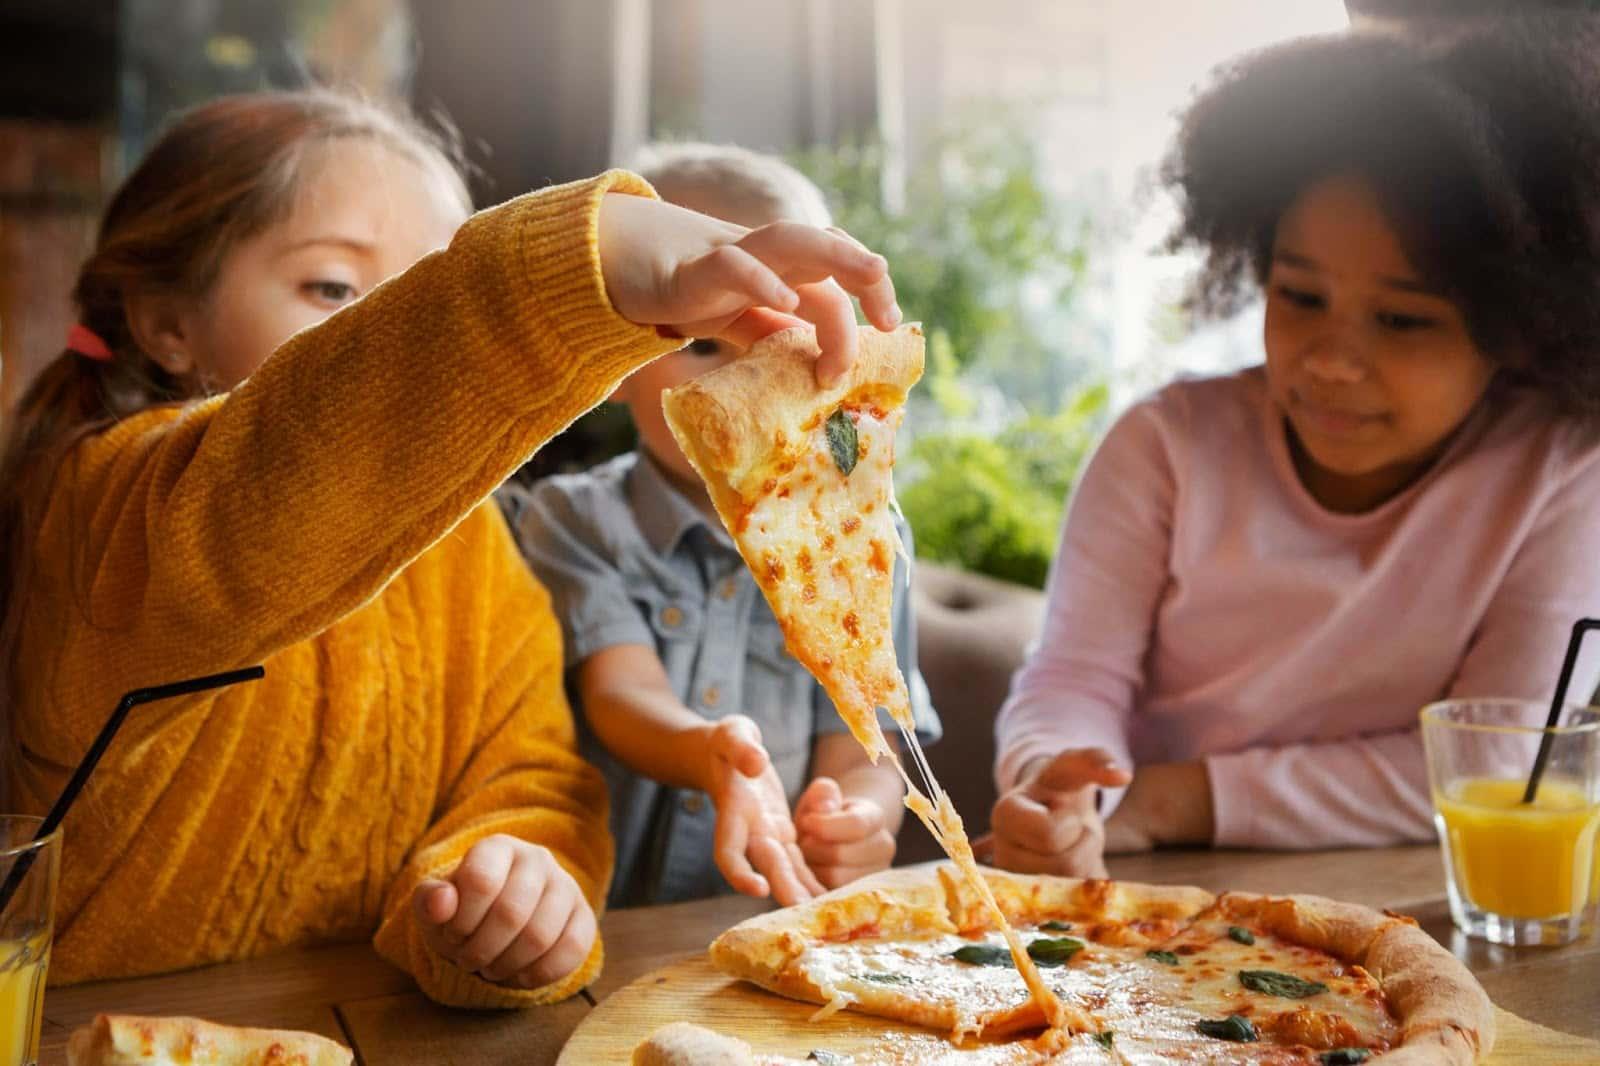 Três crianças, sendo uma menina loira de blusa amarela, um menino de camisa azul e uma menina negra de camisa rosa pegando um pedaço de pizza com queijo derretido.